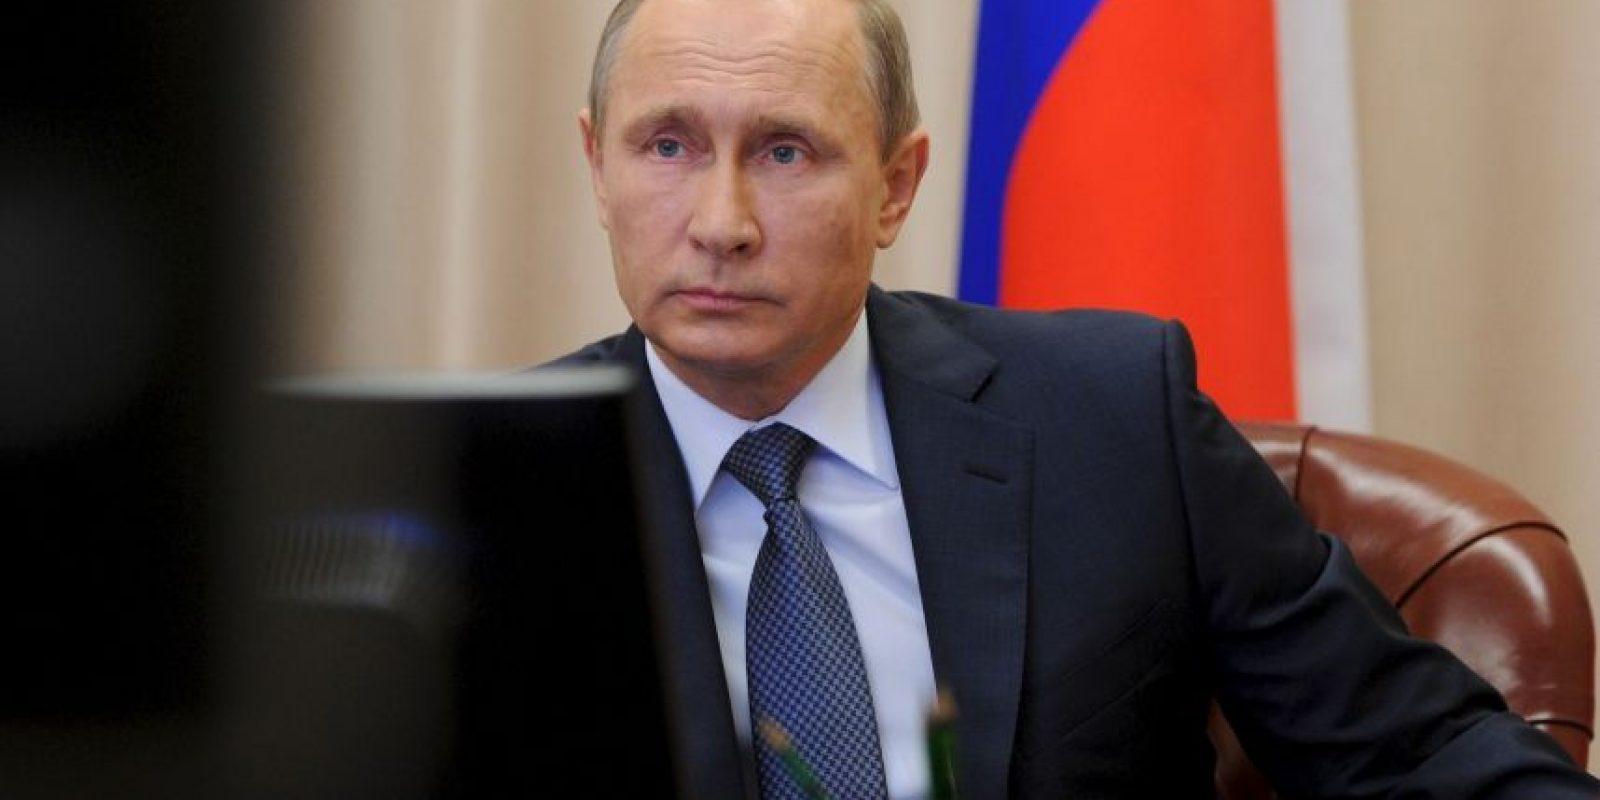 Rusia se unió a la guerra contra ISIS luego que el presidente sirio Bashar al Assad solicitara apoyo. Foto:AP